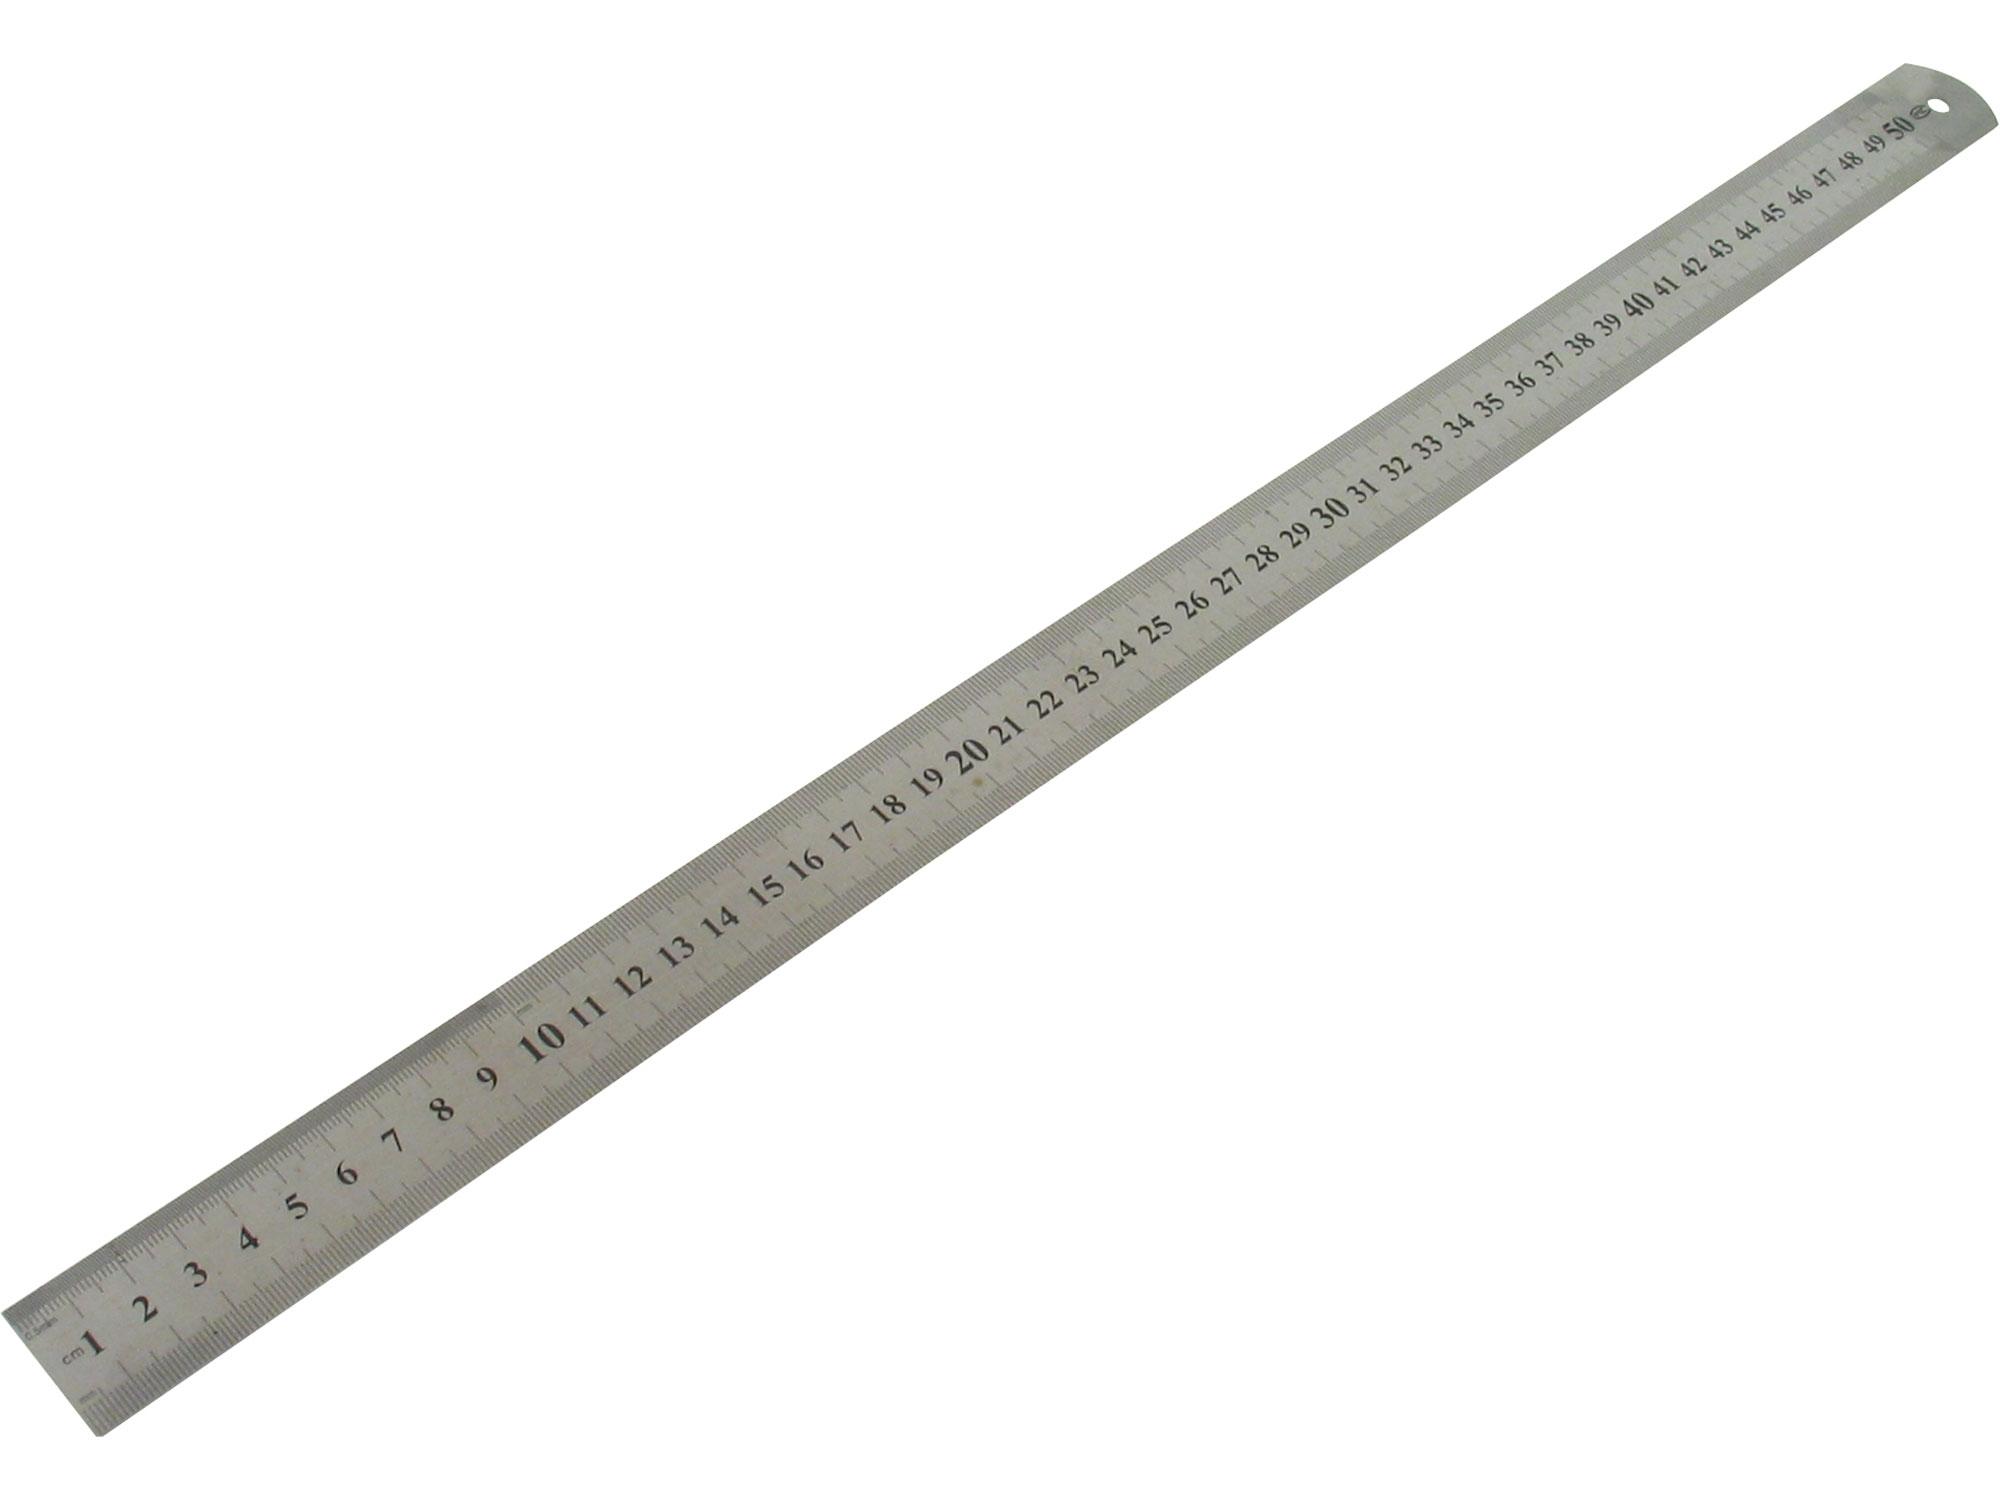 pravítko ocelové nerez, 500mm, EXTOL CRAFT 459